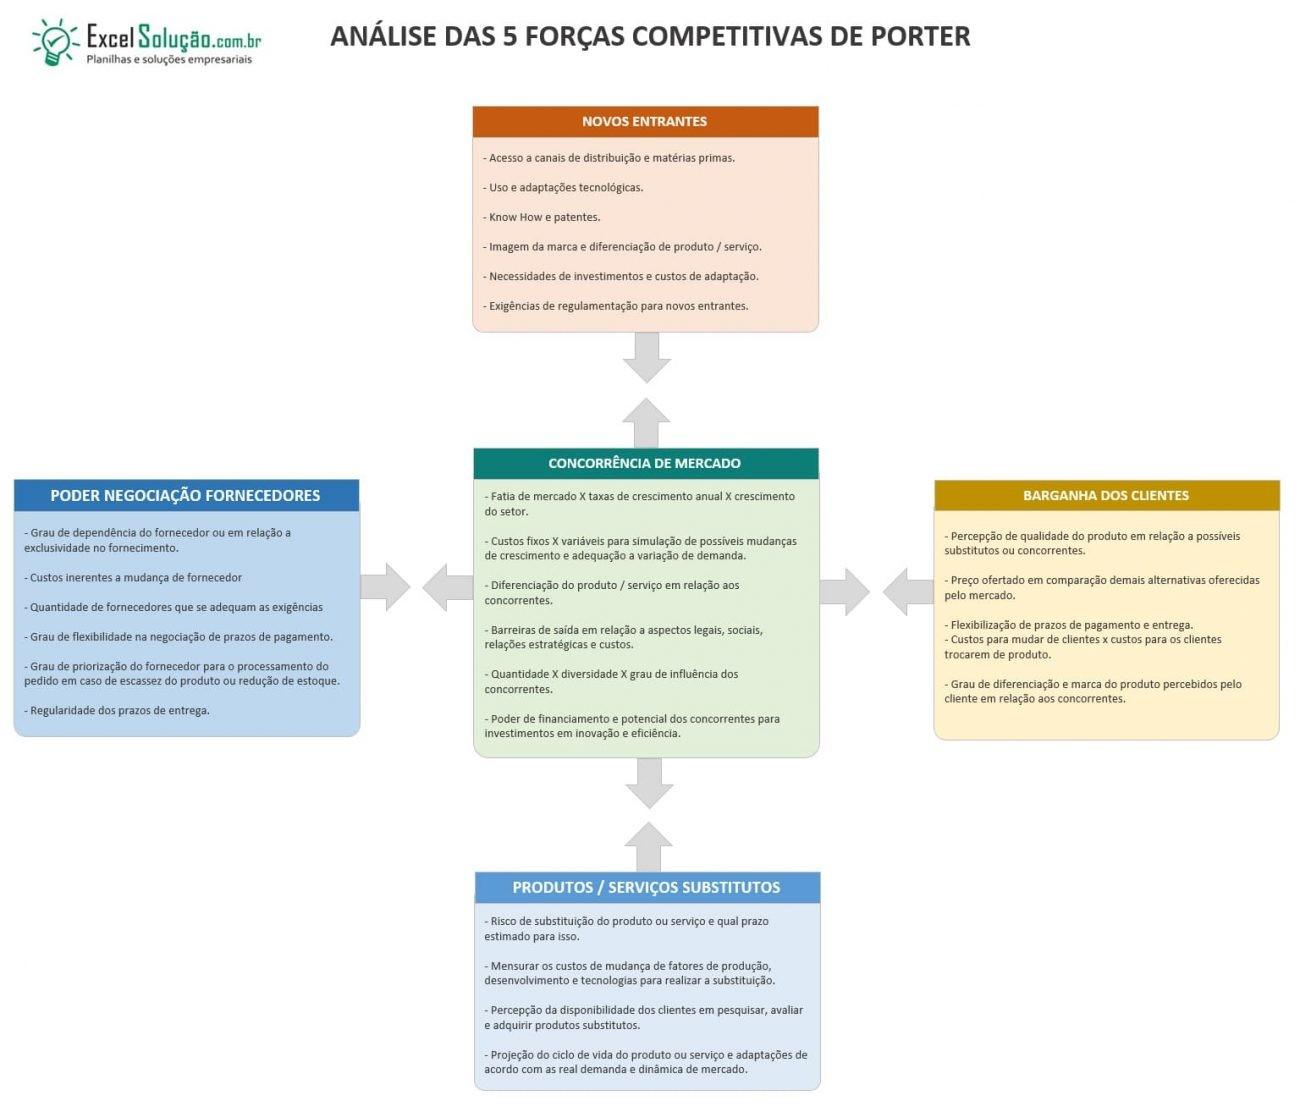 5 forças de porter - exemplo estratégia competitiva - rivalidade entre concorrentes